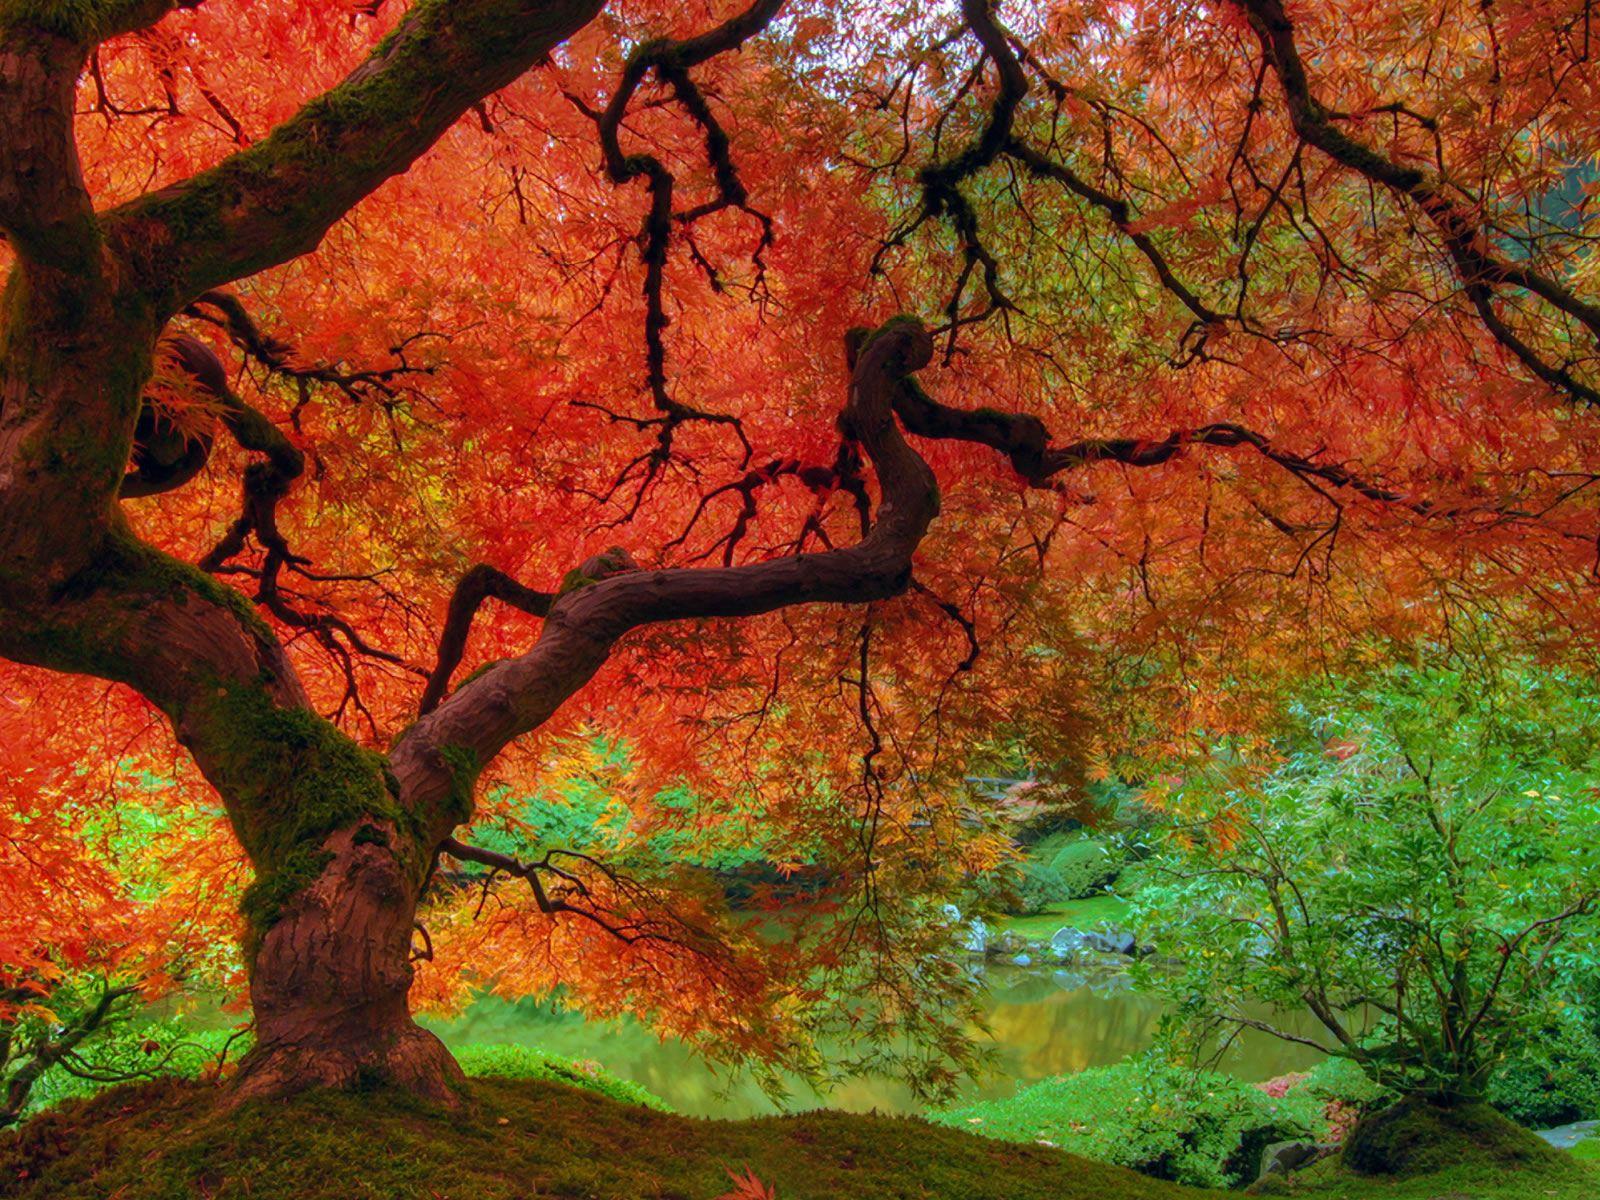 Fall Colors Wallpaper 1600x1200 QpFoTQsc Fall wallpaper